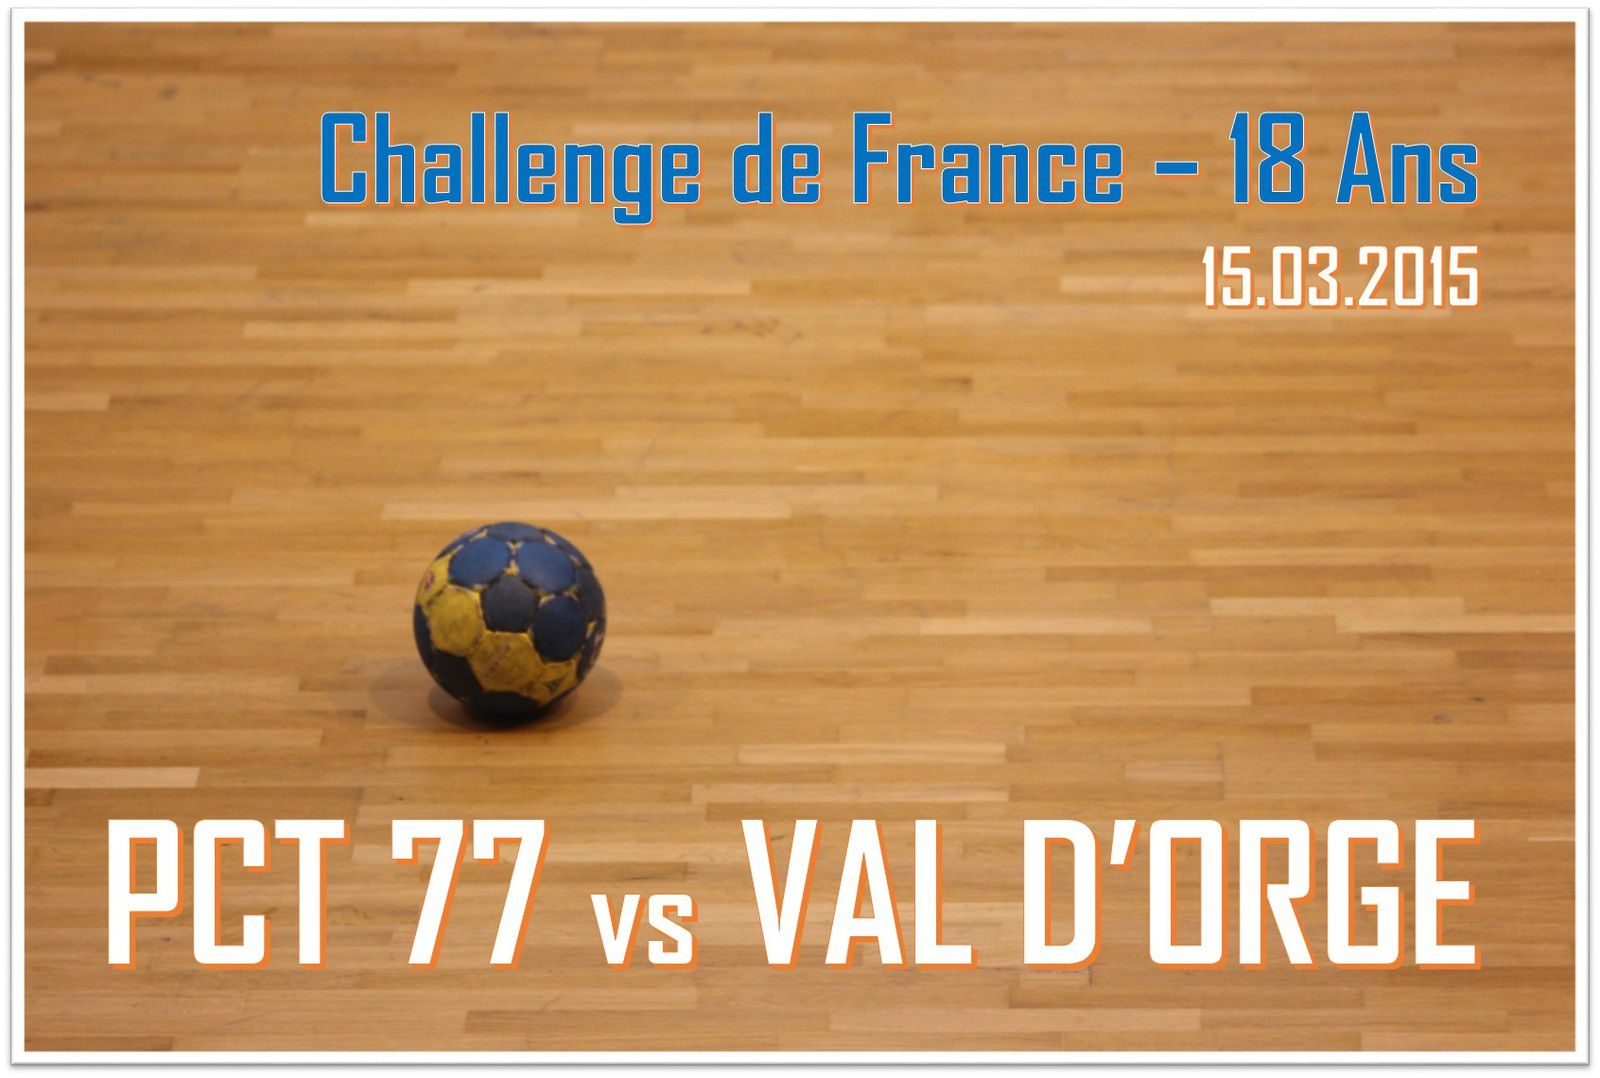 ENTENTE PCT 77 vs VAL D'ORGE (CdF -18M) 15.03.2015